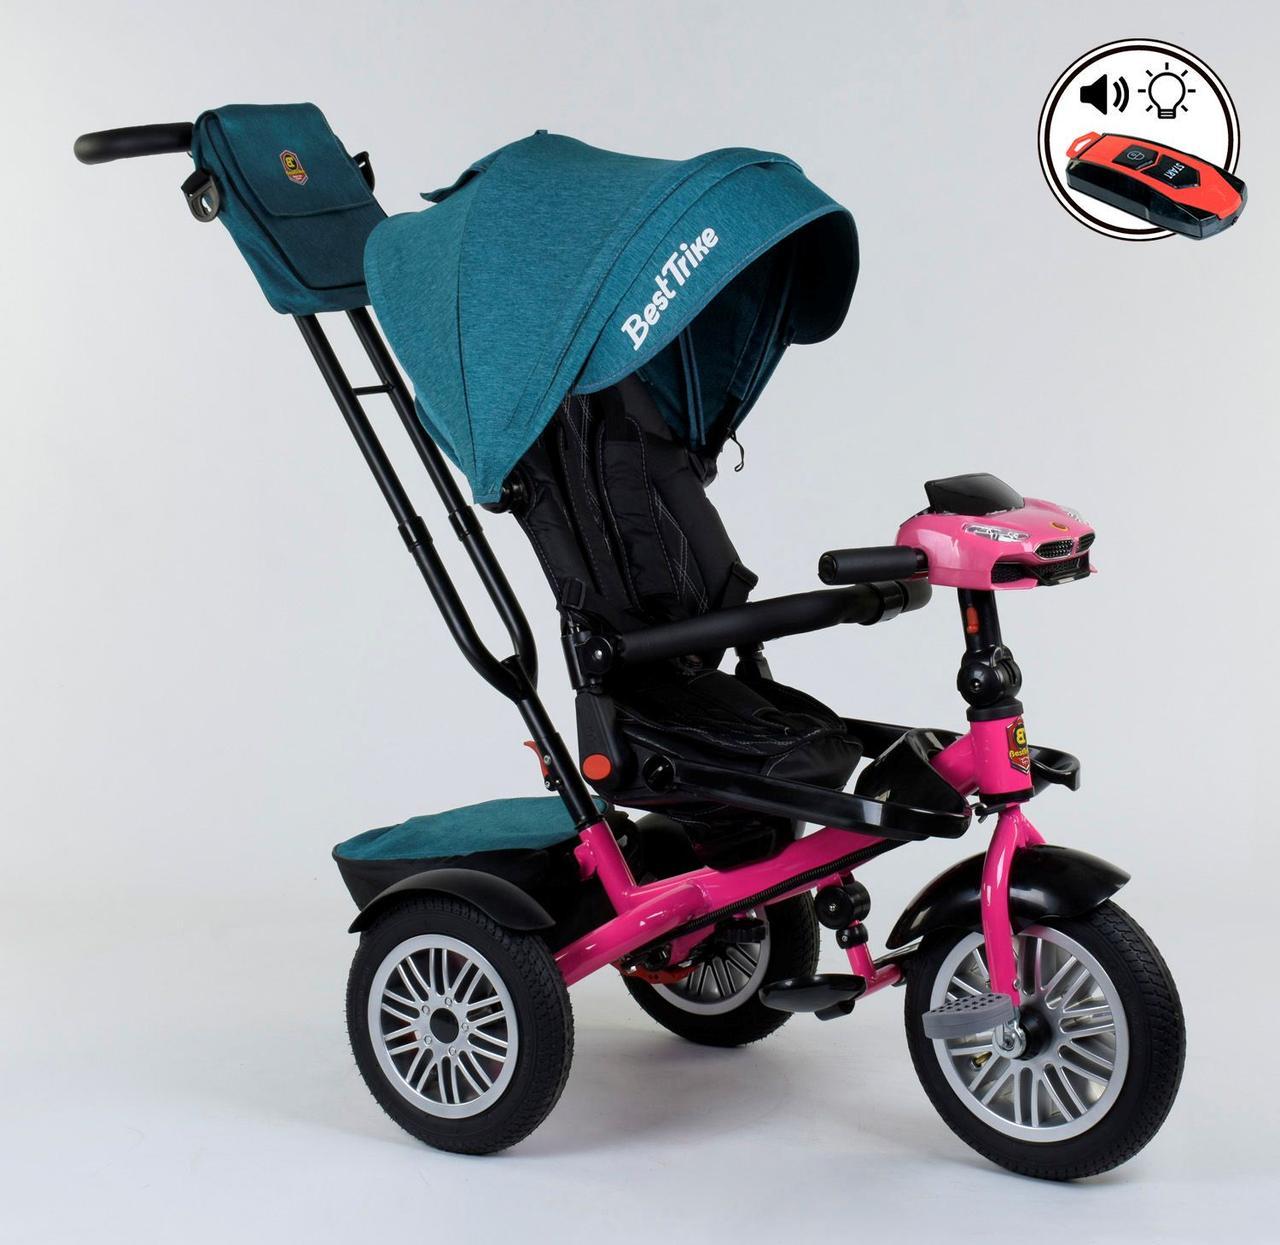 Велосипед 3-х колёсный 9288 В - 4265 Best Trike  ПОВОРОТНОЕ СИДЕНЬЕ, СКЛАДНОЙ РУЛЬ, ПУЛЬТ 76981